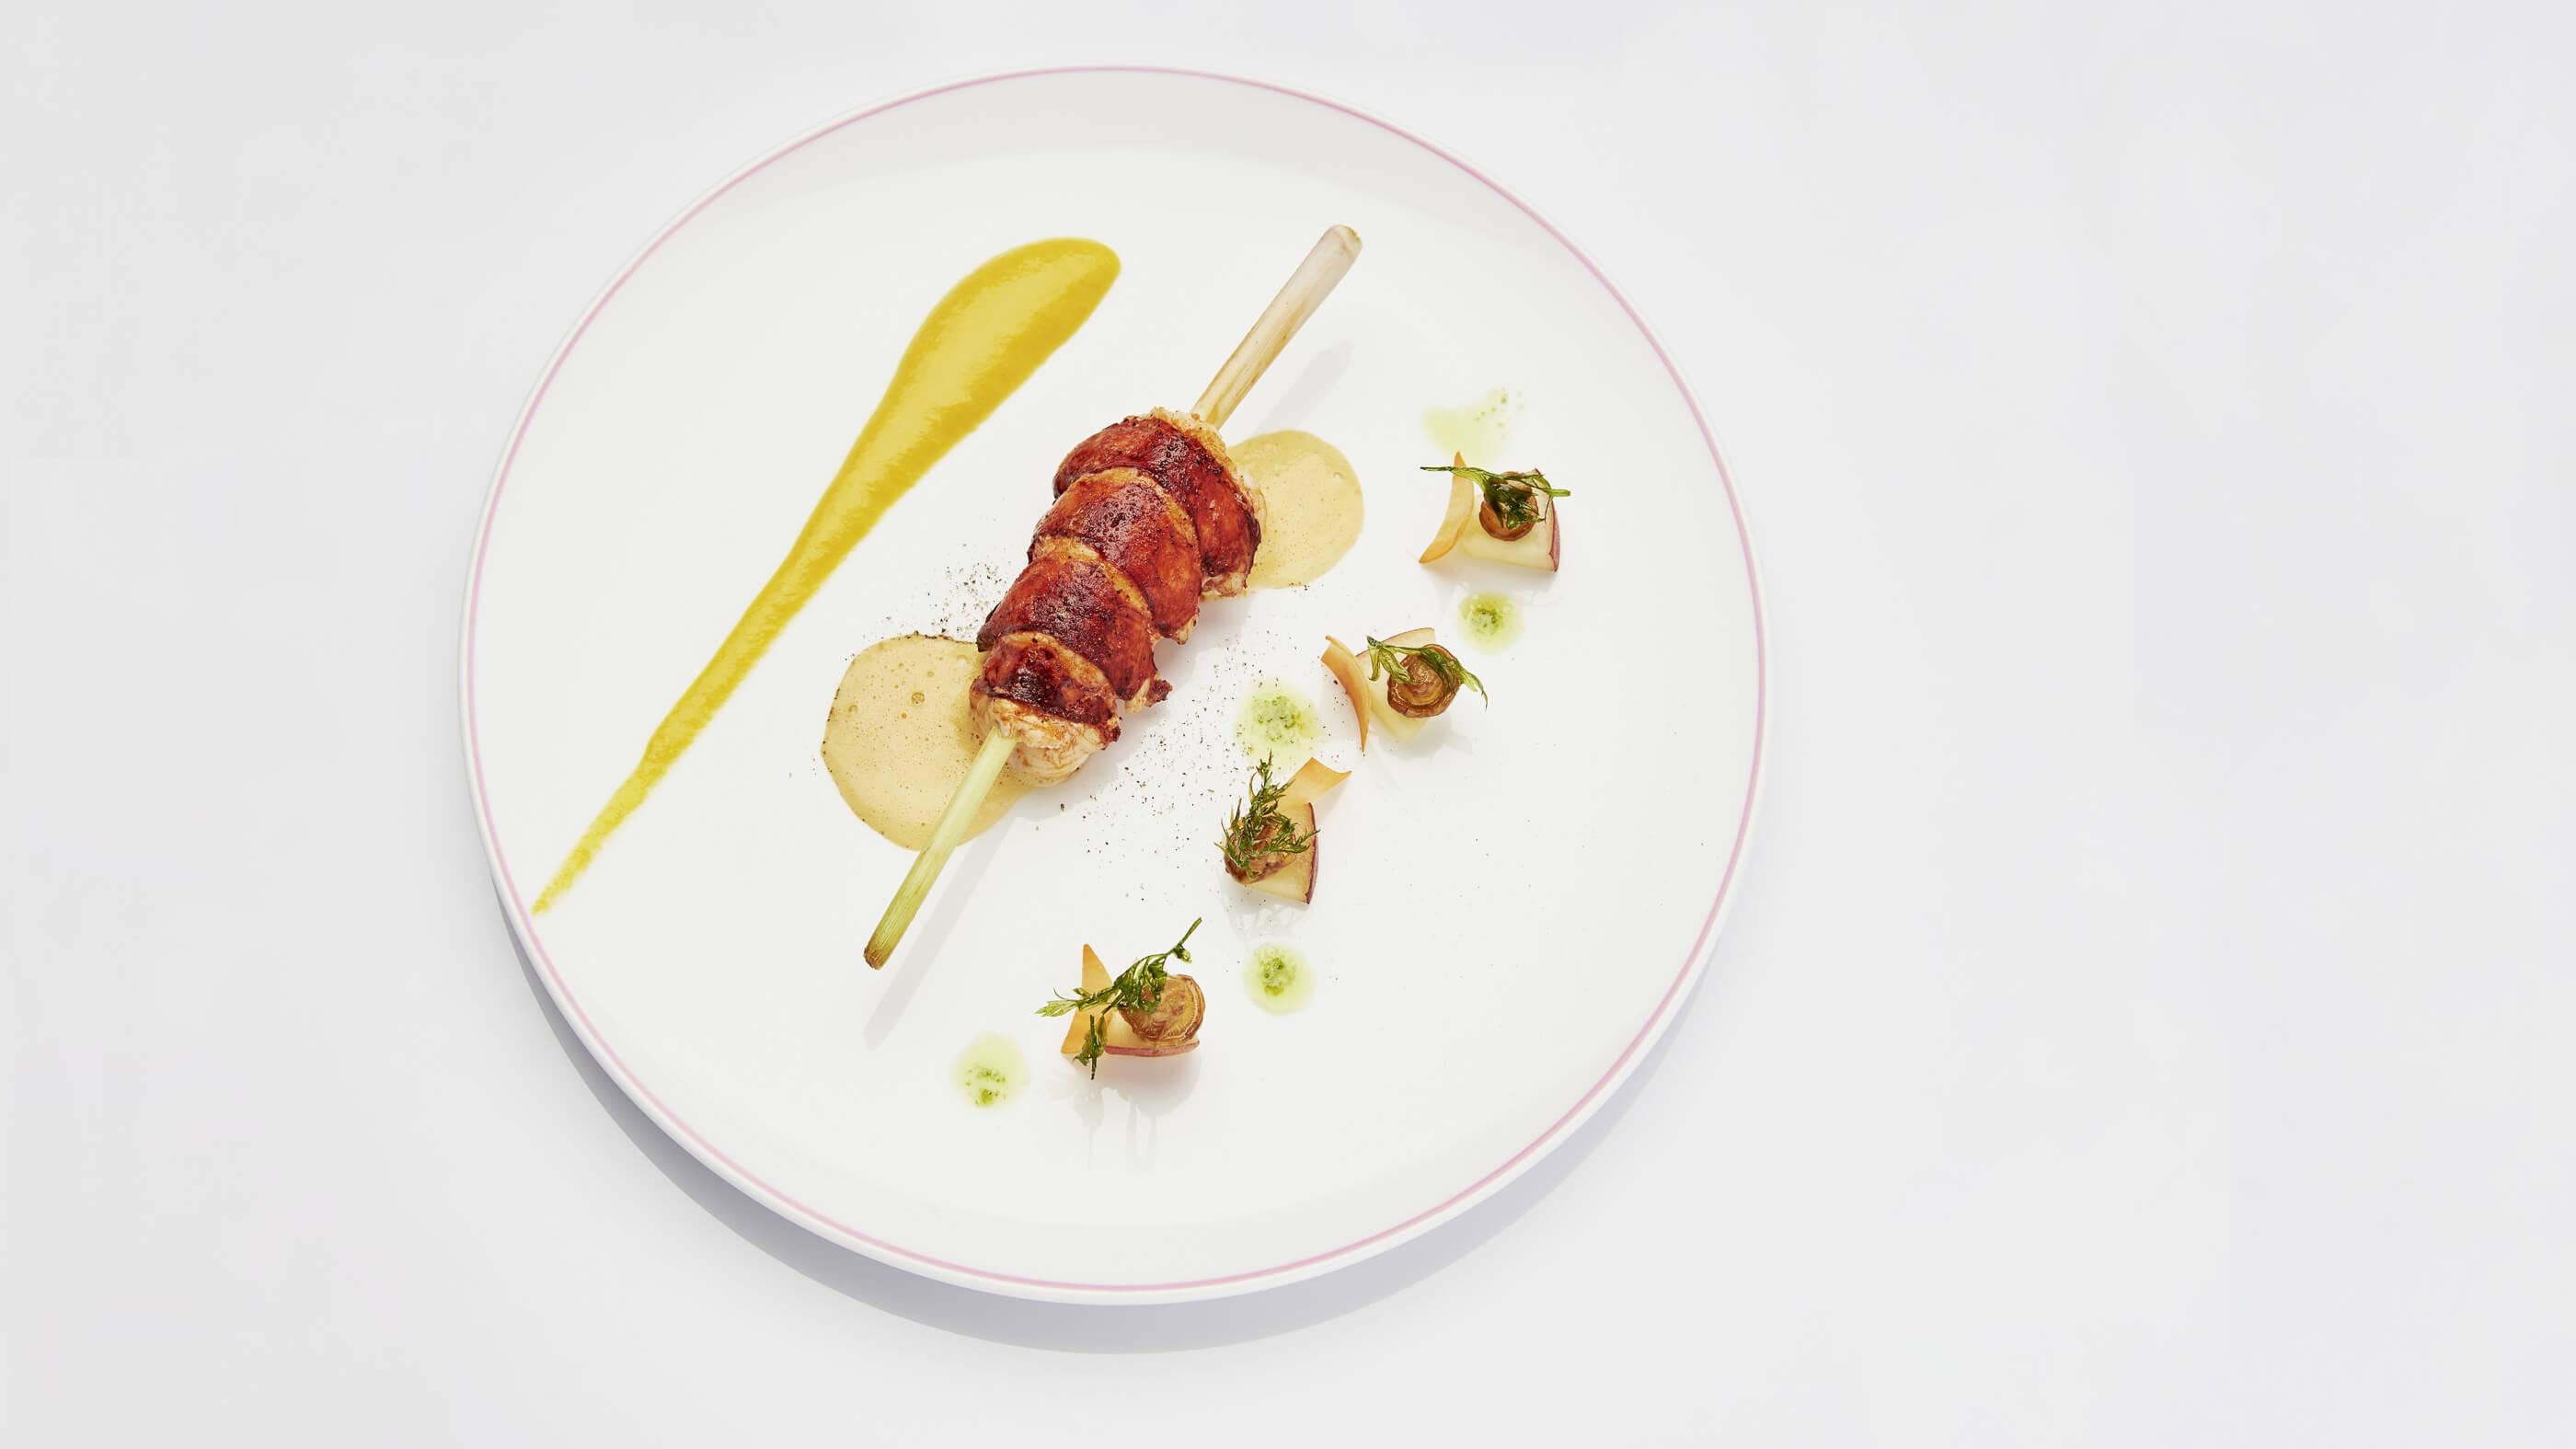 Plat avec Poisson Breton et Asperges Restaurant Gastronomique Maison Tiegezh